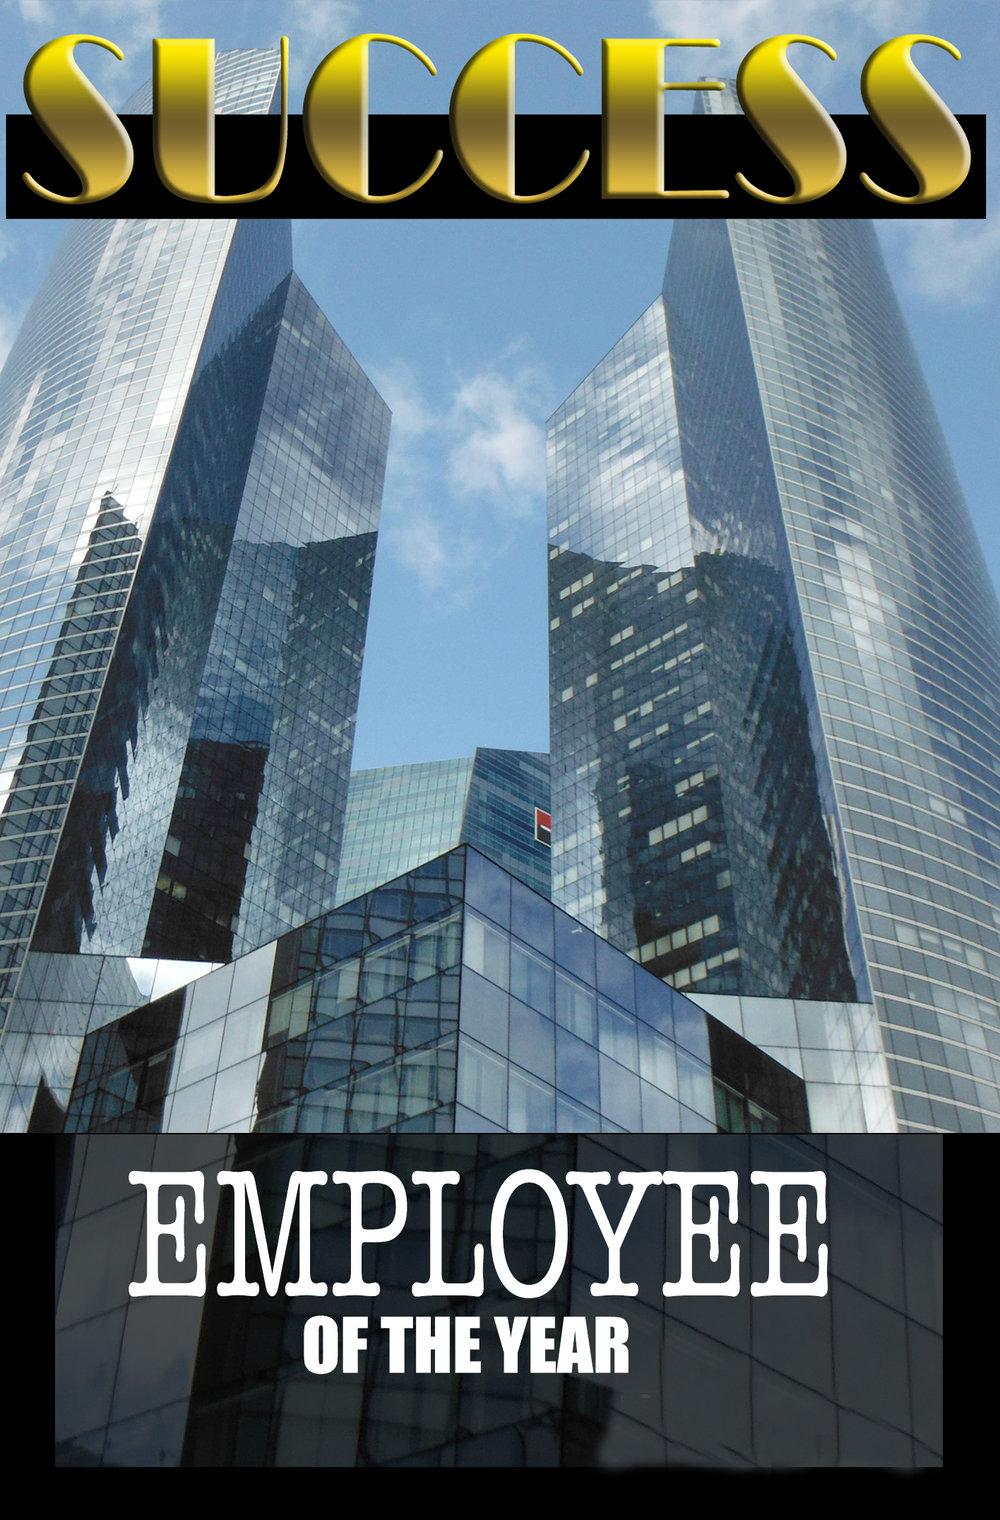 Magazine - Employee of the Year